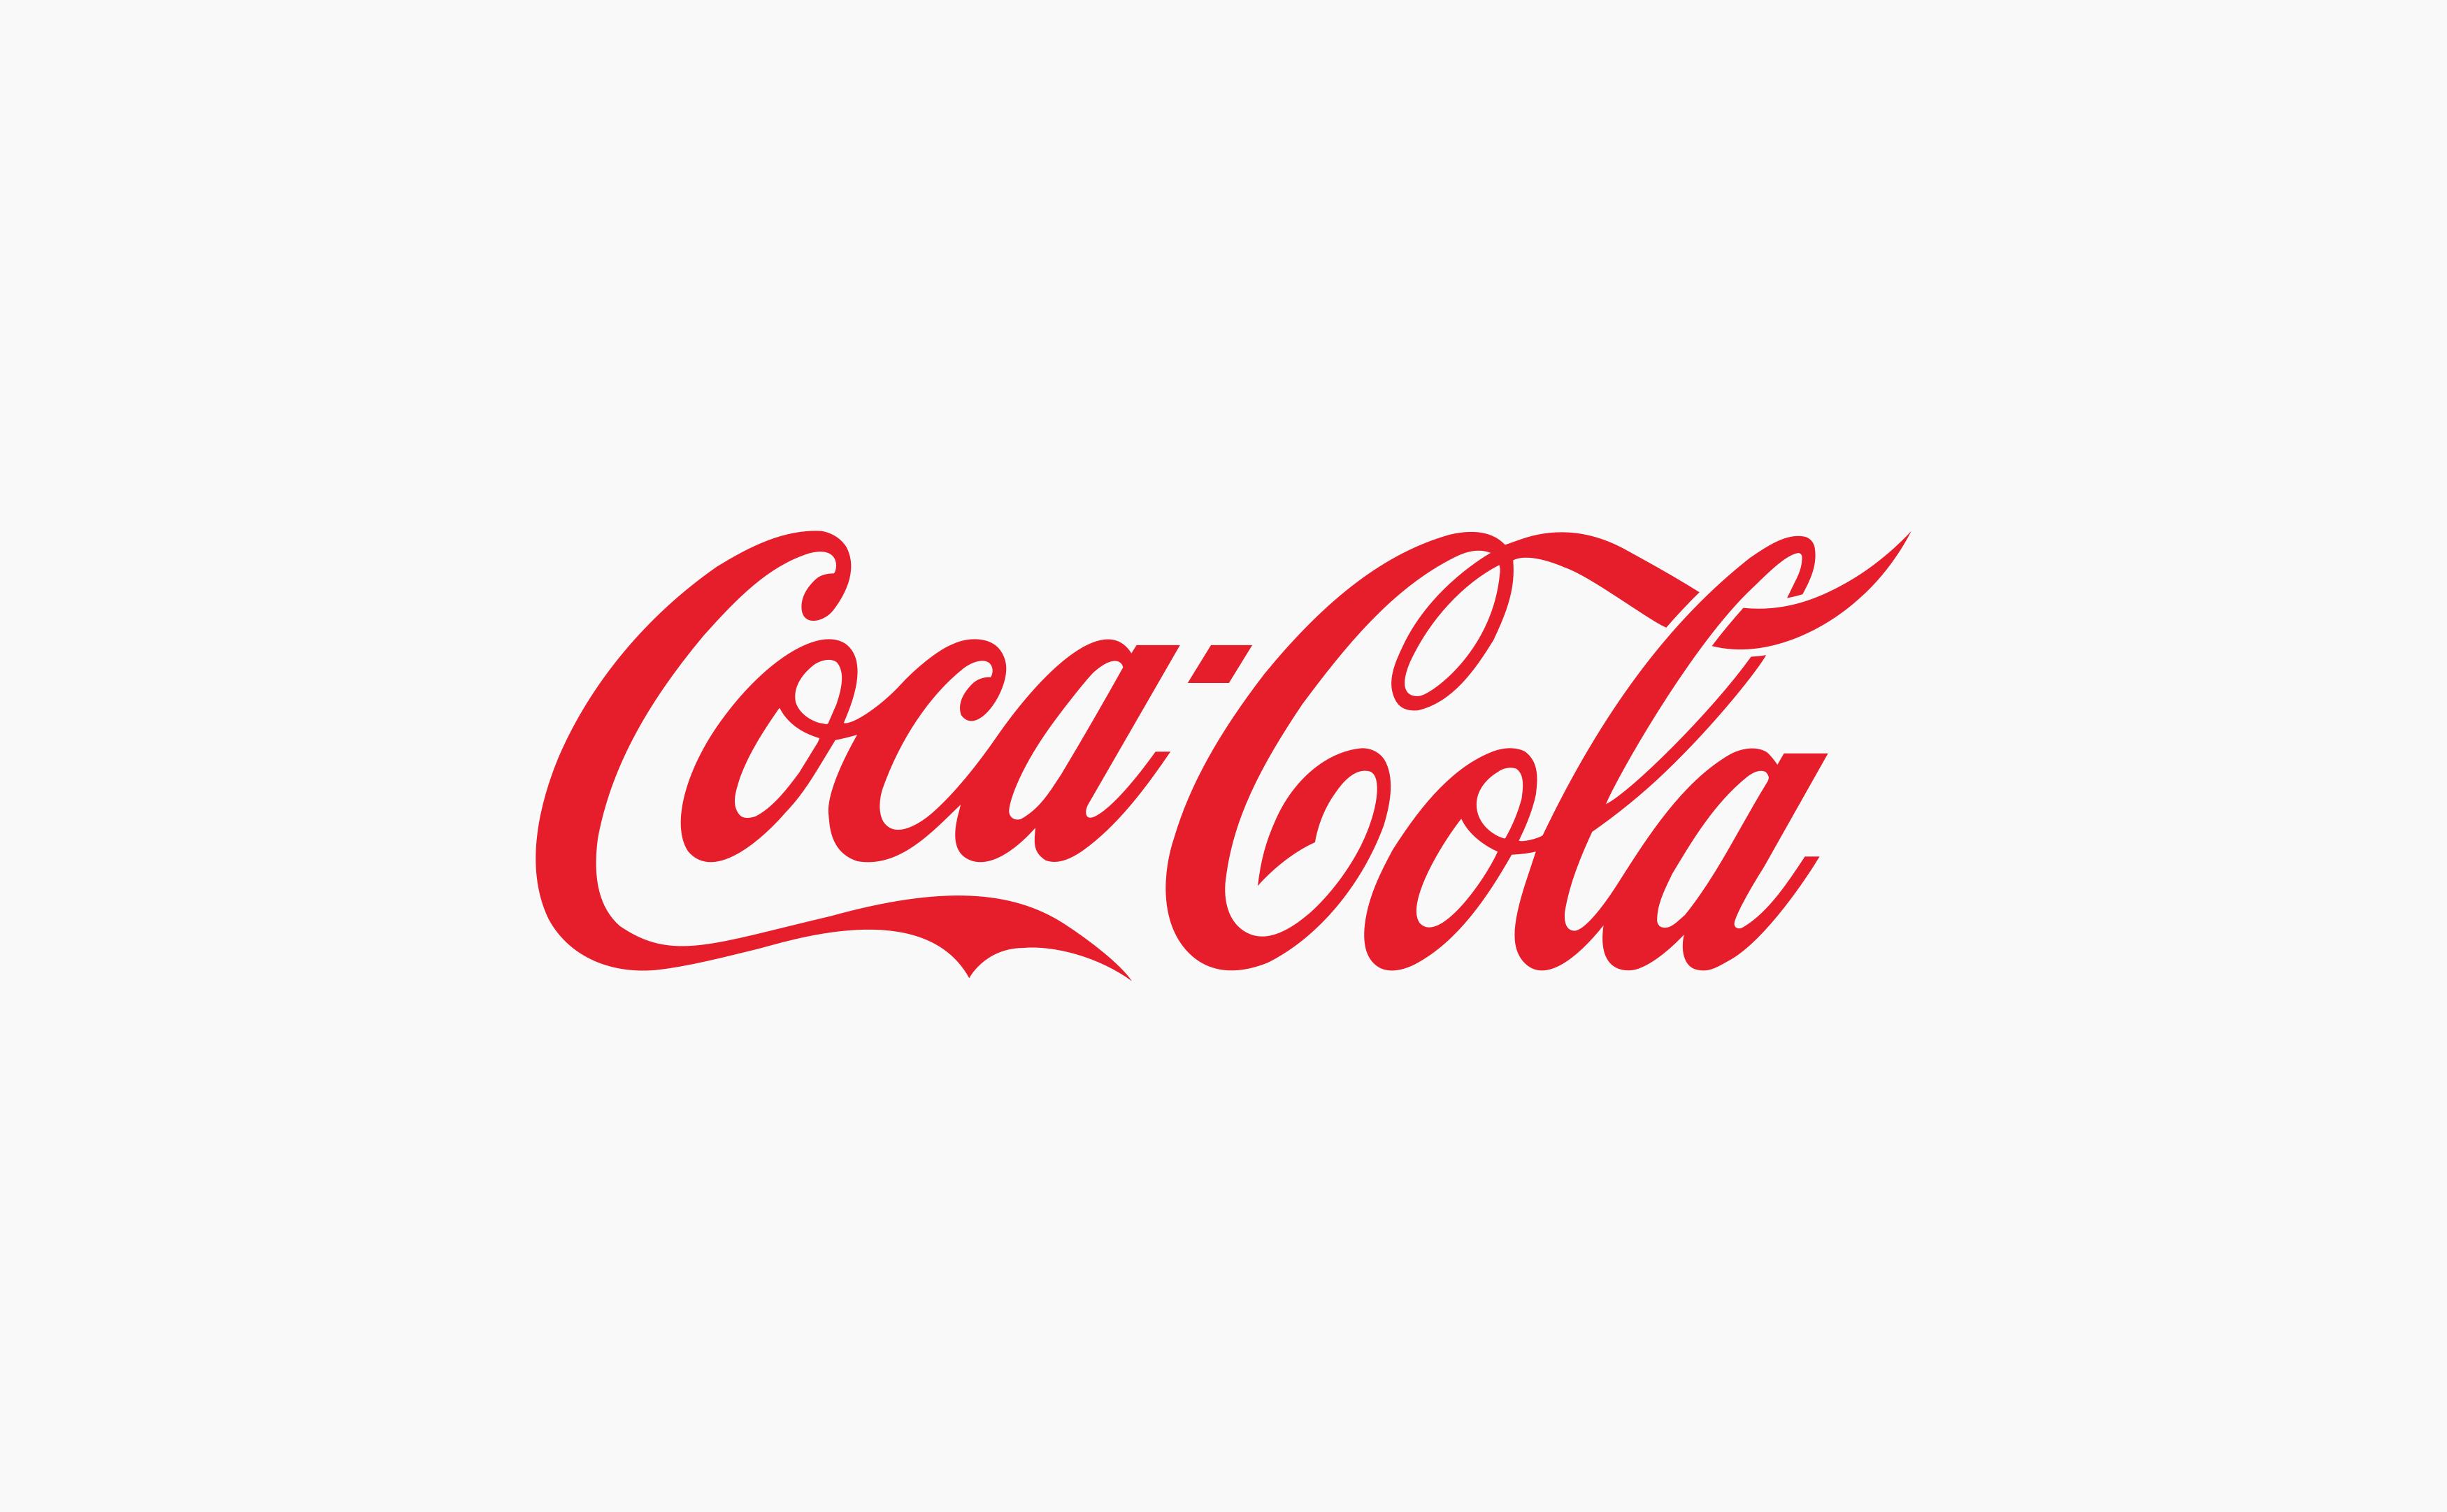 coca cola logo 4 - Coca-Cola Logo